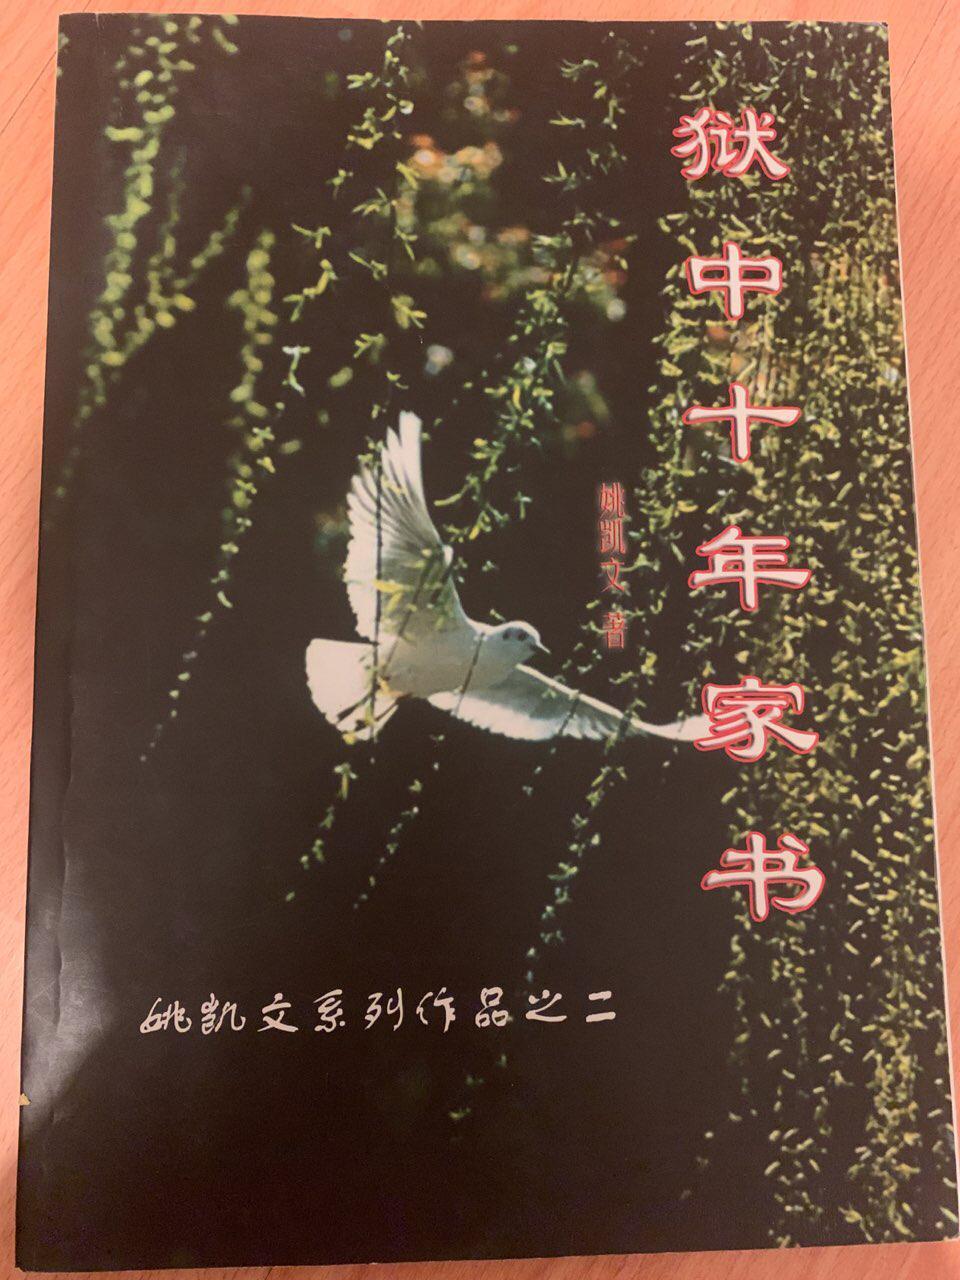 姚凯文在中国大陆被禁止出版的书稿(杨晓提供)